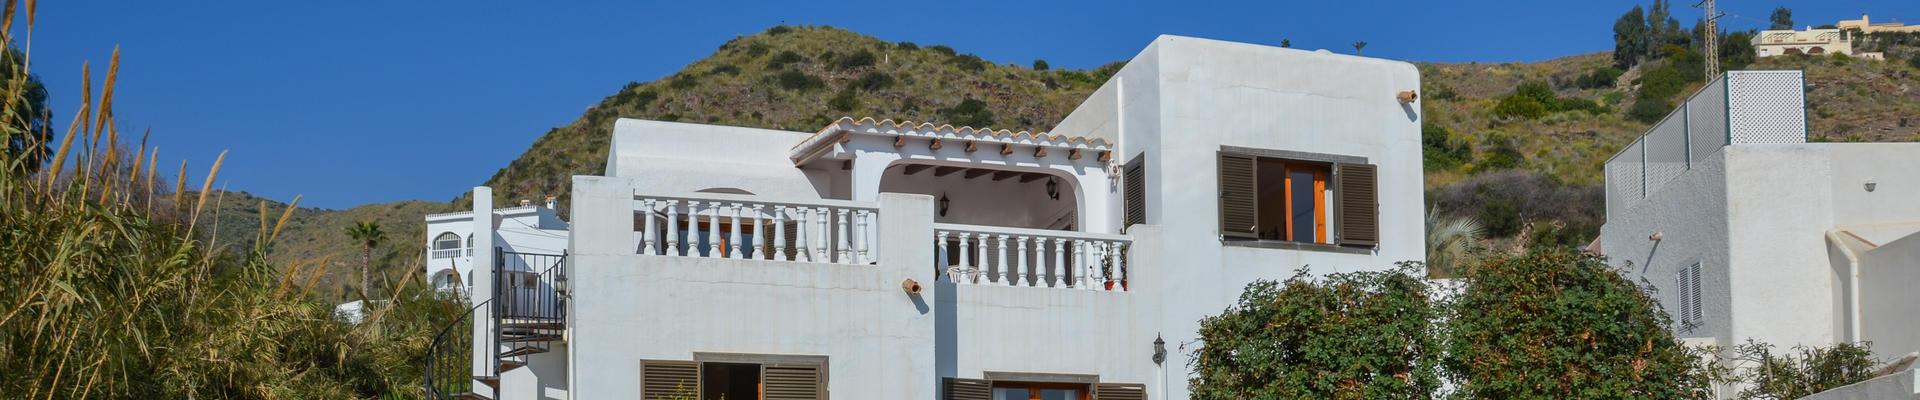 DV1485: 3 Bedroom Villa for Sale